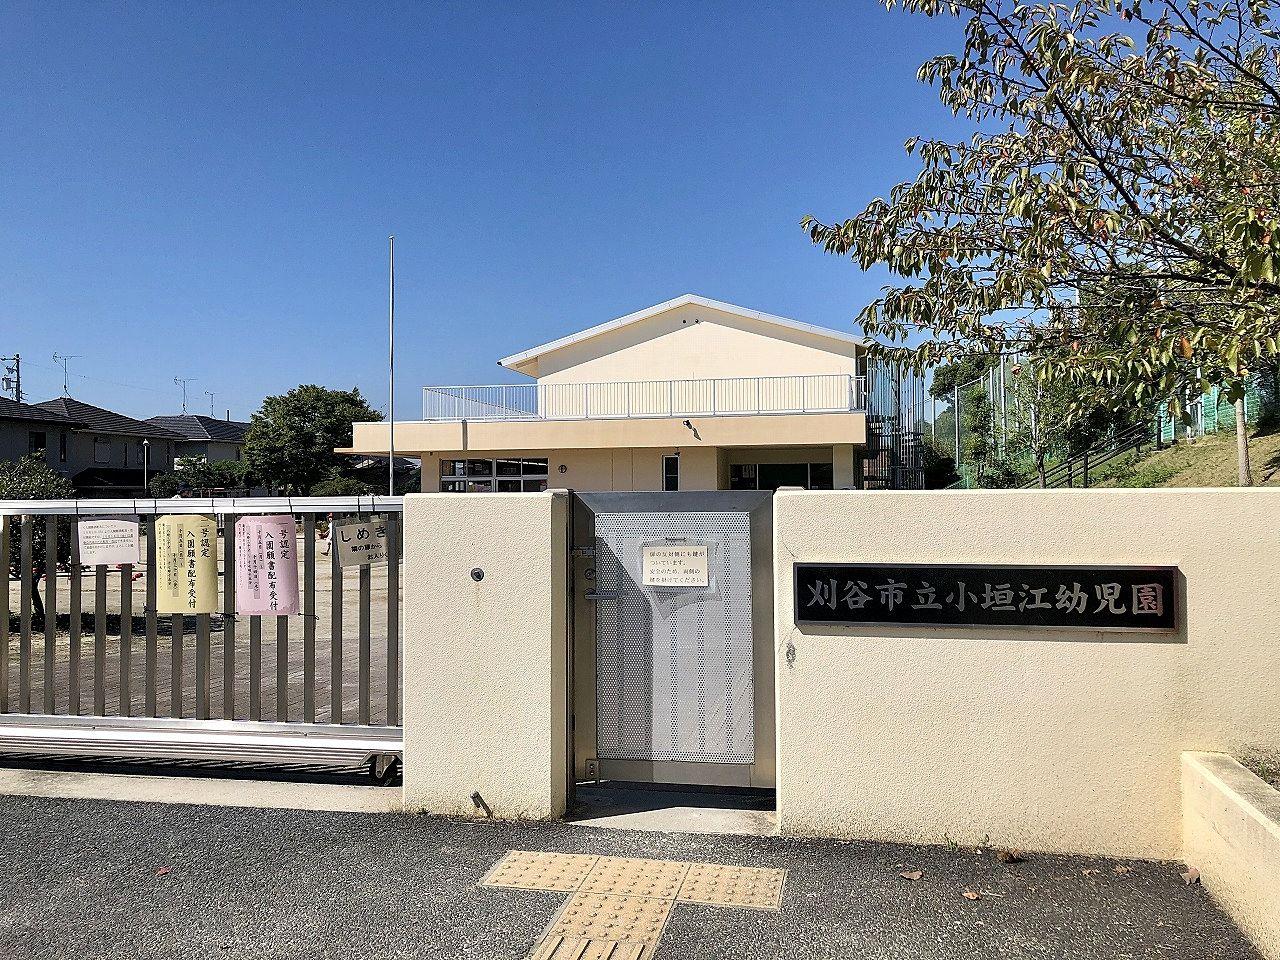 小垣江町西王地28-1 0566-21-7575